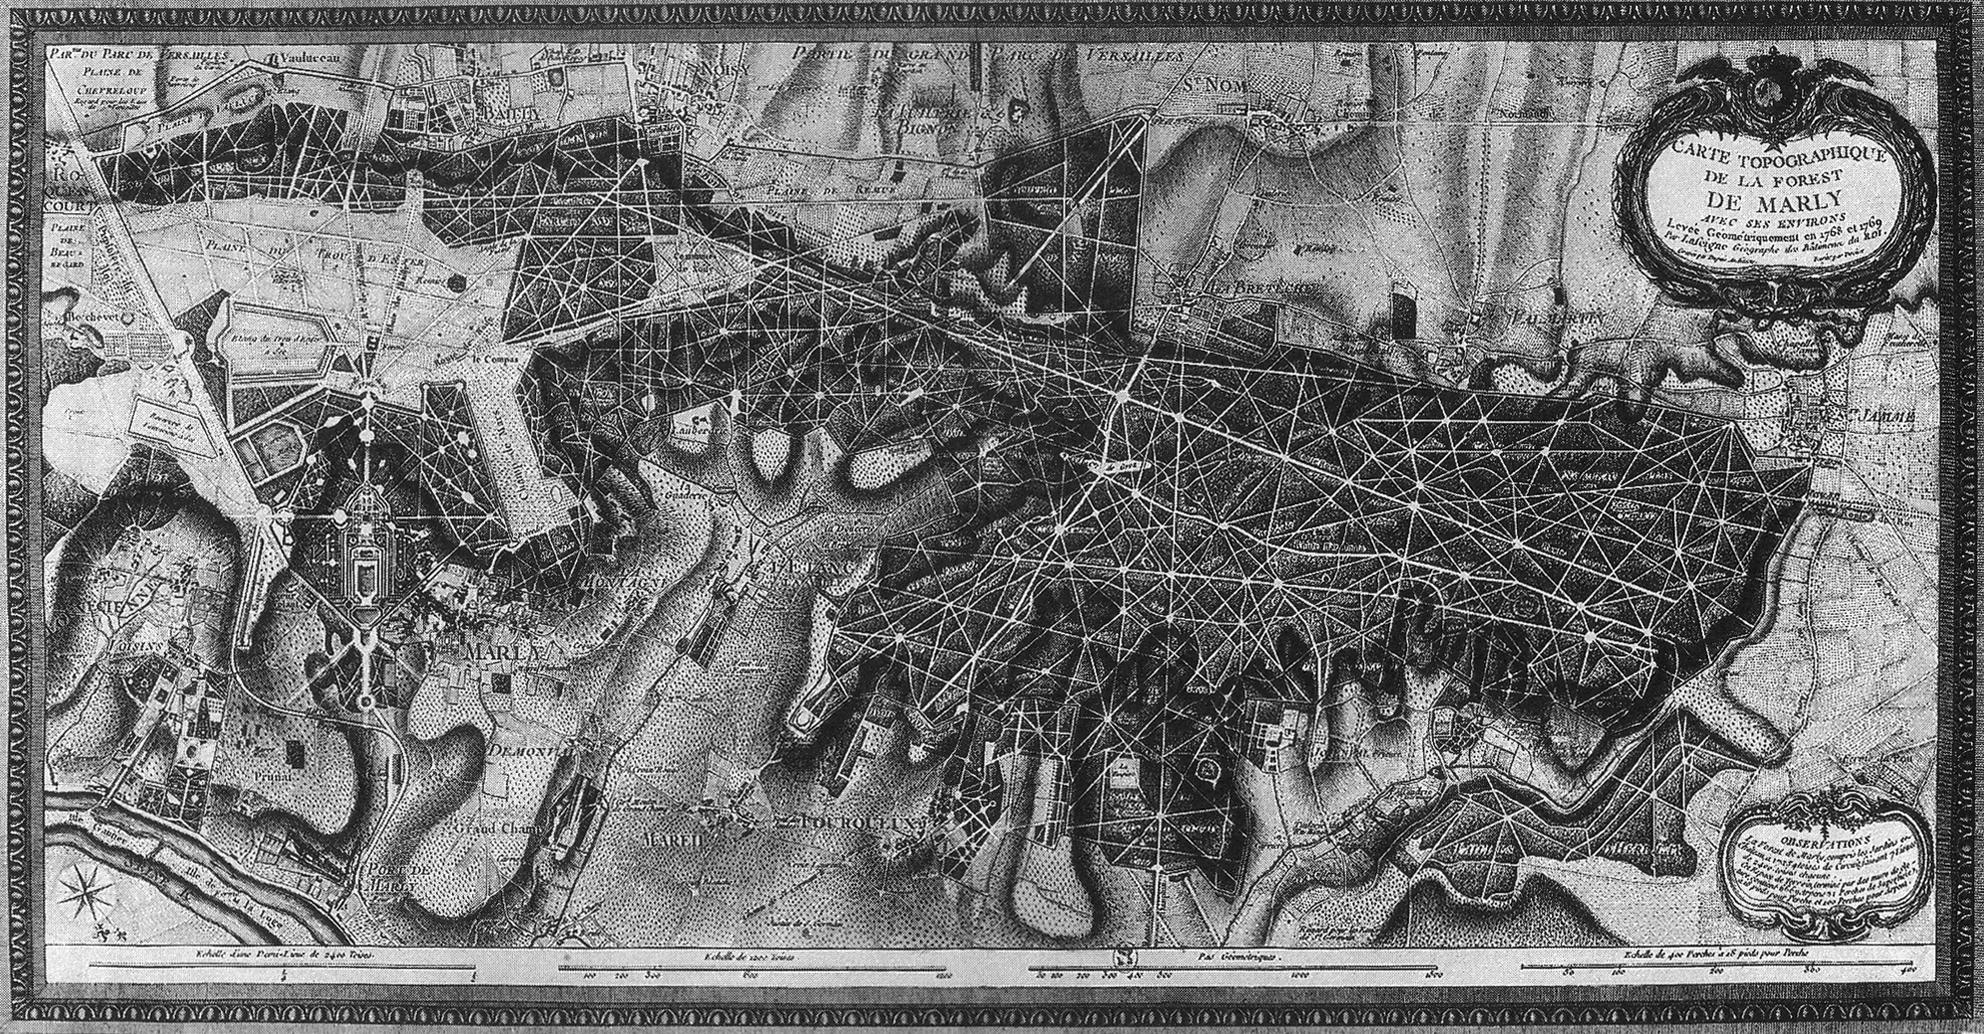 (1) Plan de Marly que muestra los caminos aparentemente excavados del bosque (1768-1769) ©   Monique Pelletier,  Cartographie de la France et du monde de la Renaissance au Siècle des lumières  (París: Bibliothèque nationale de France, 2001), p.55